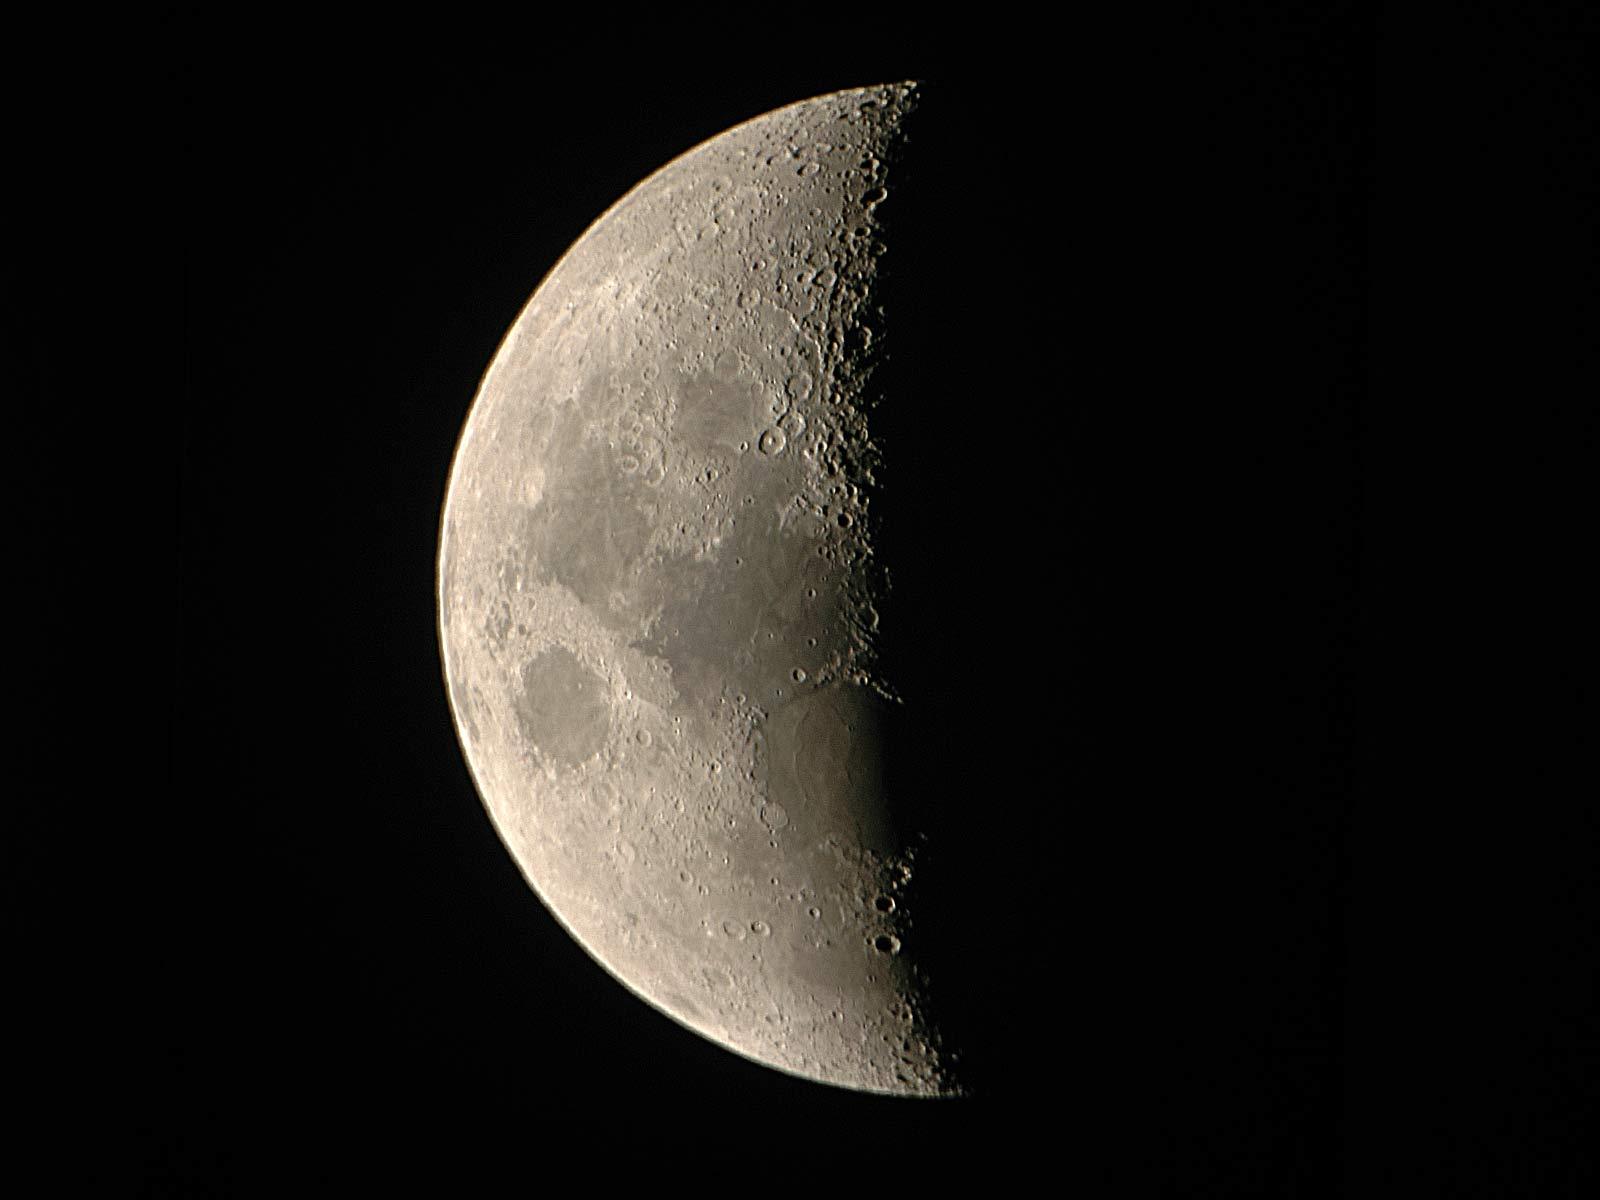 明日は下弦の月。恋人のケアを入念に